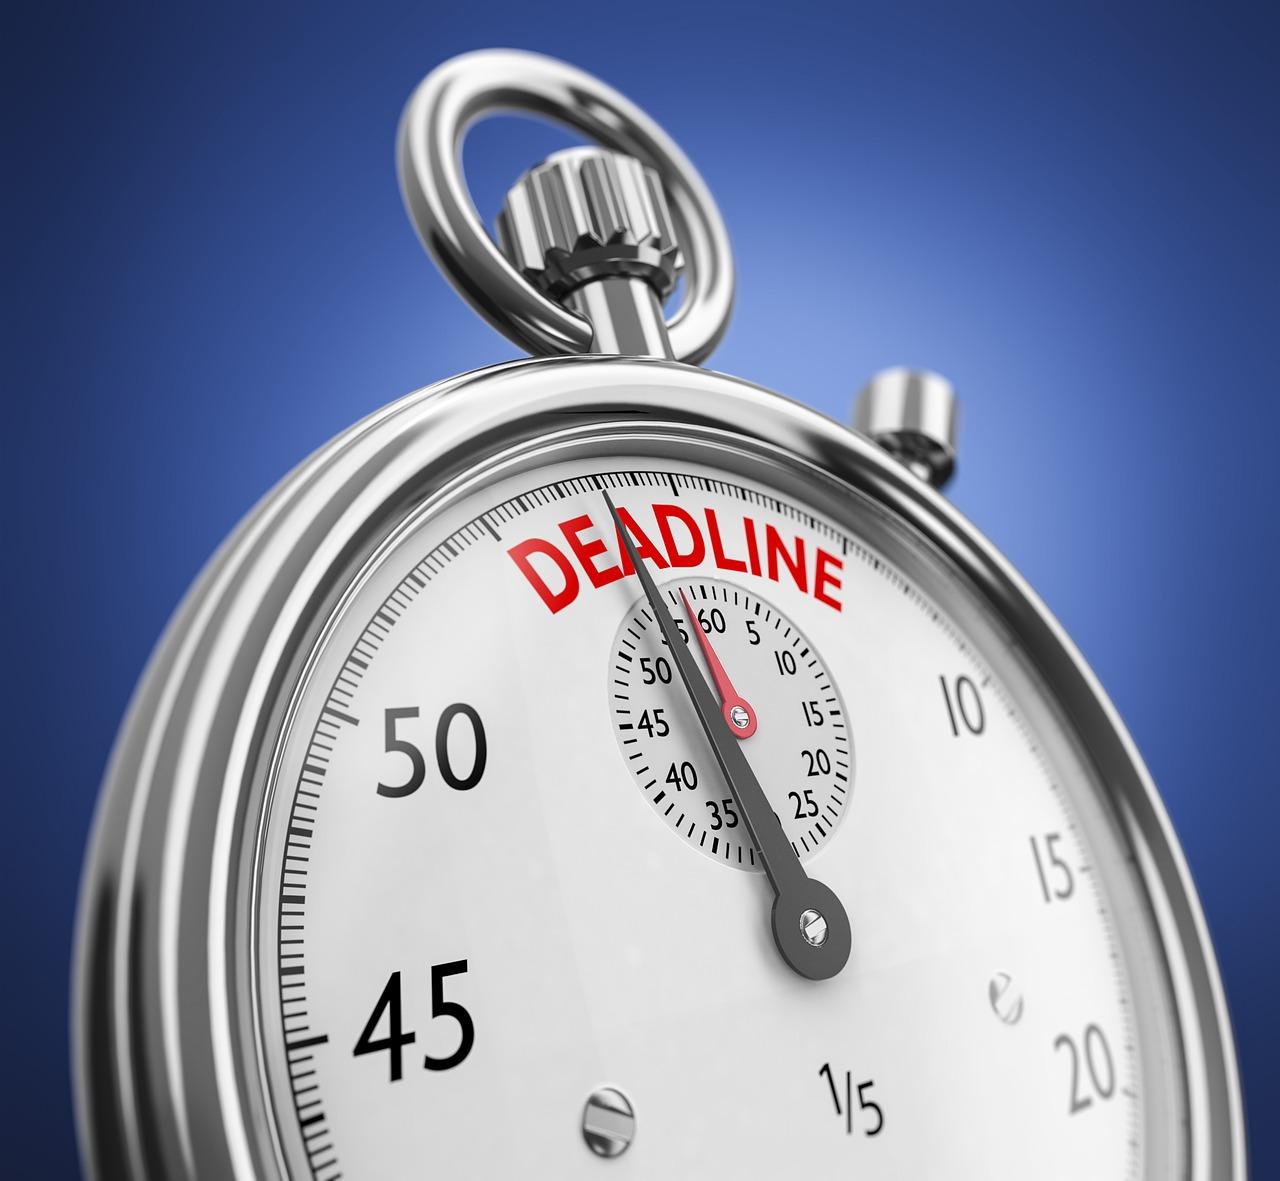 Deadline stopwatch clock